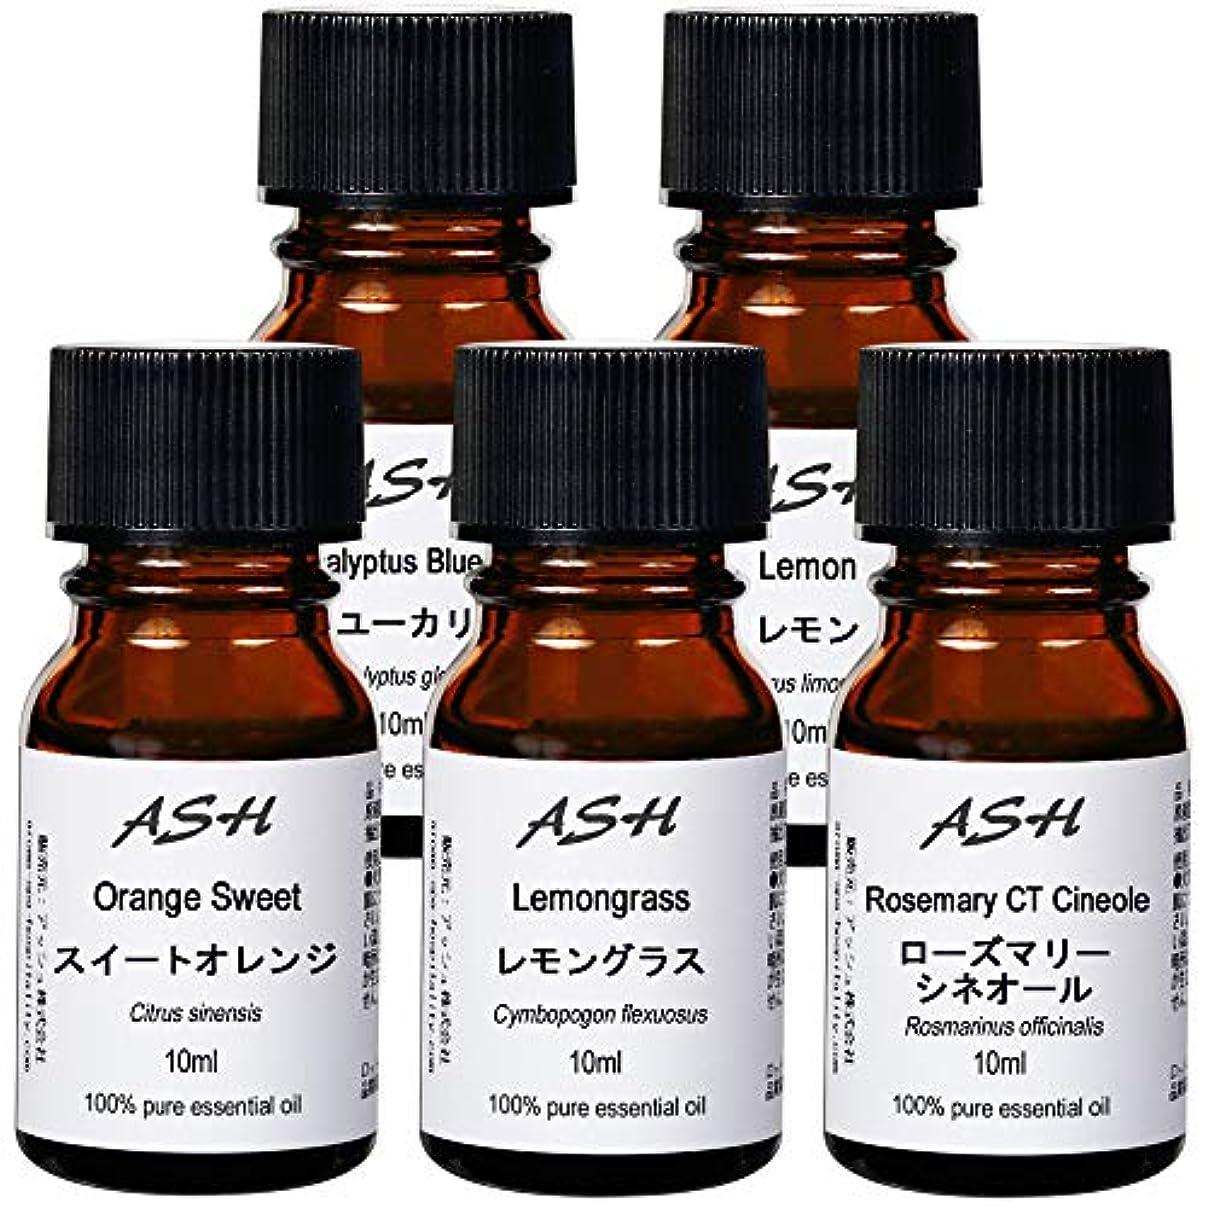 セラフ体細胞気まぐれなASH エッセンシャルオイル D.スターター 10mlx5本セット (スイートオレンジ/ユーカリ/レモン/レモングラス/ローズマリー) AEAJ認定精油